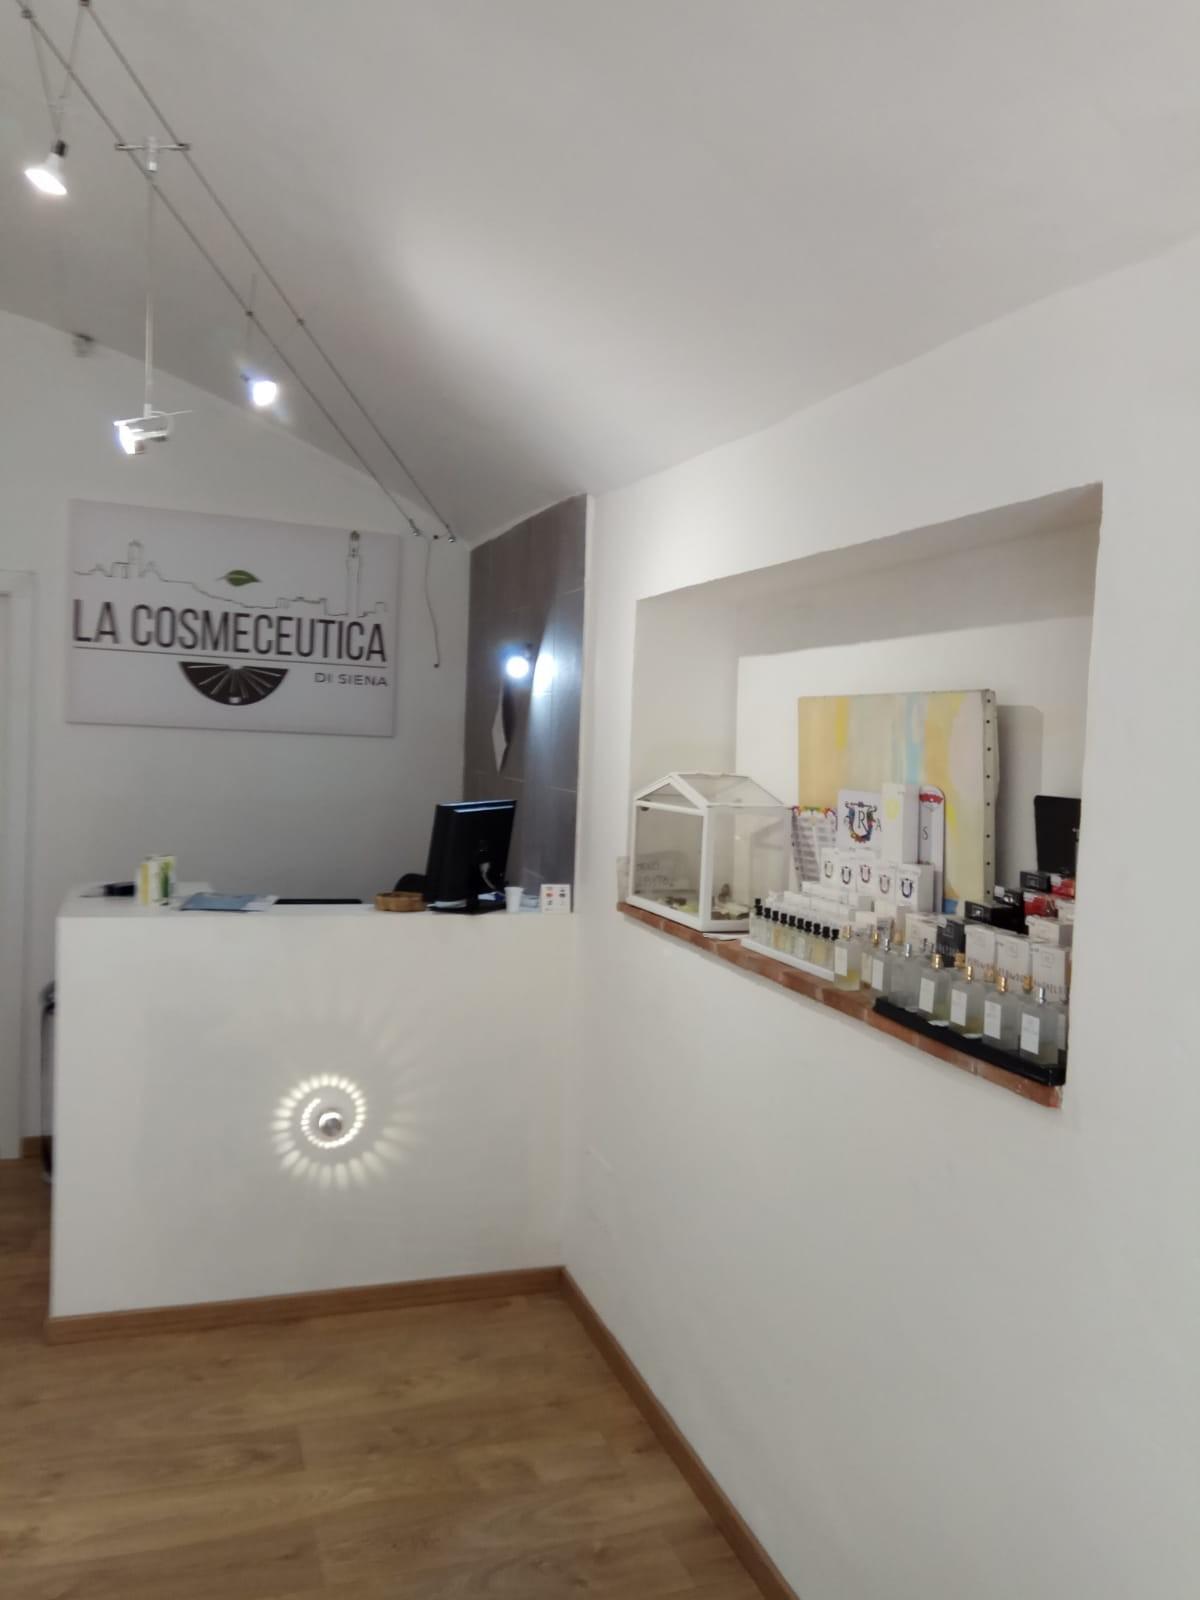 Negozio in affitto commerciale a Siena